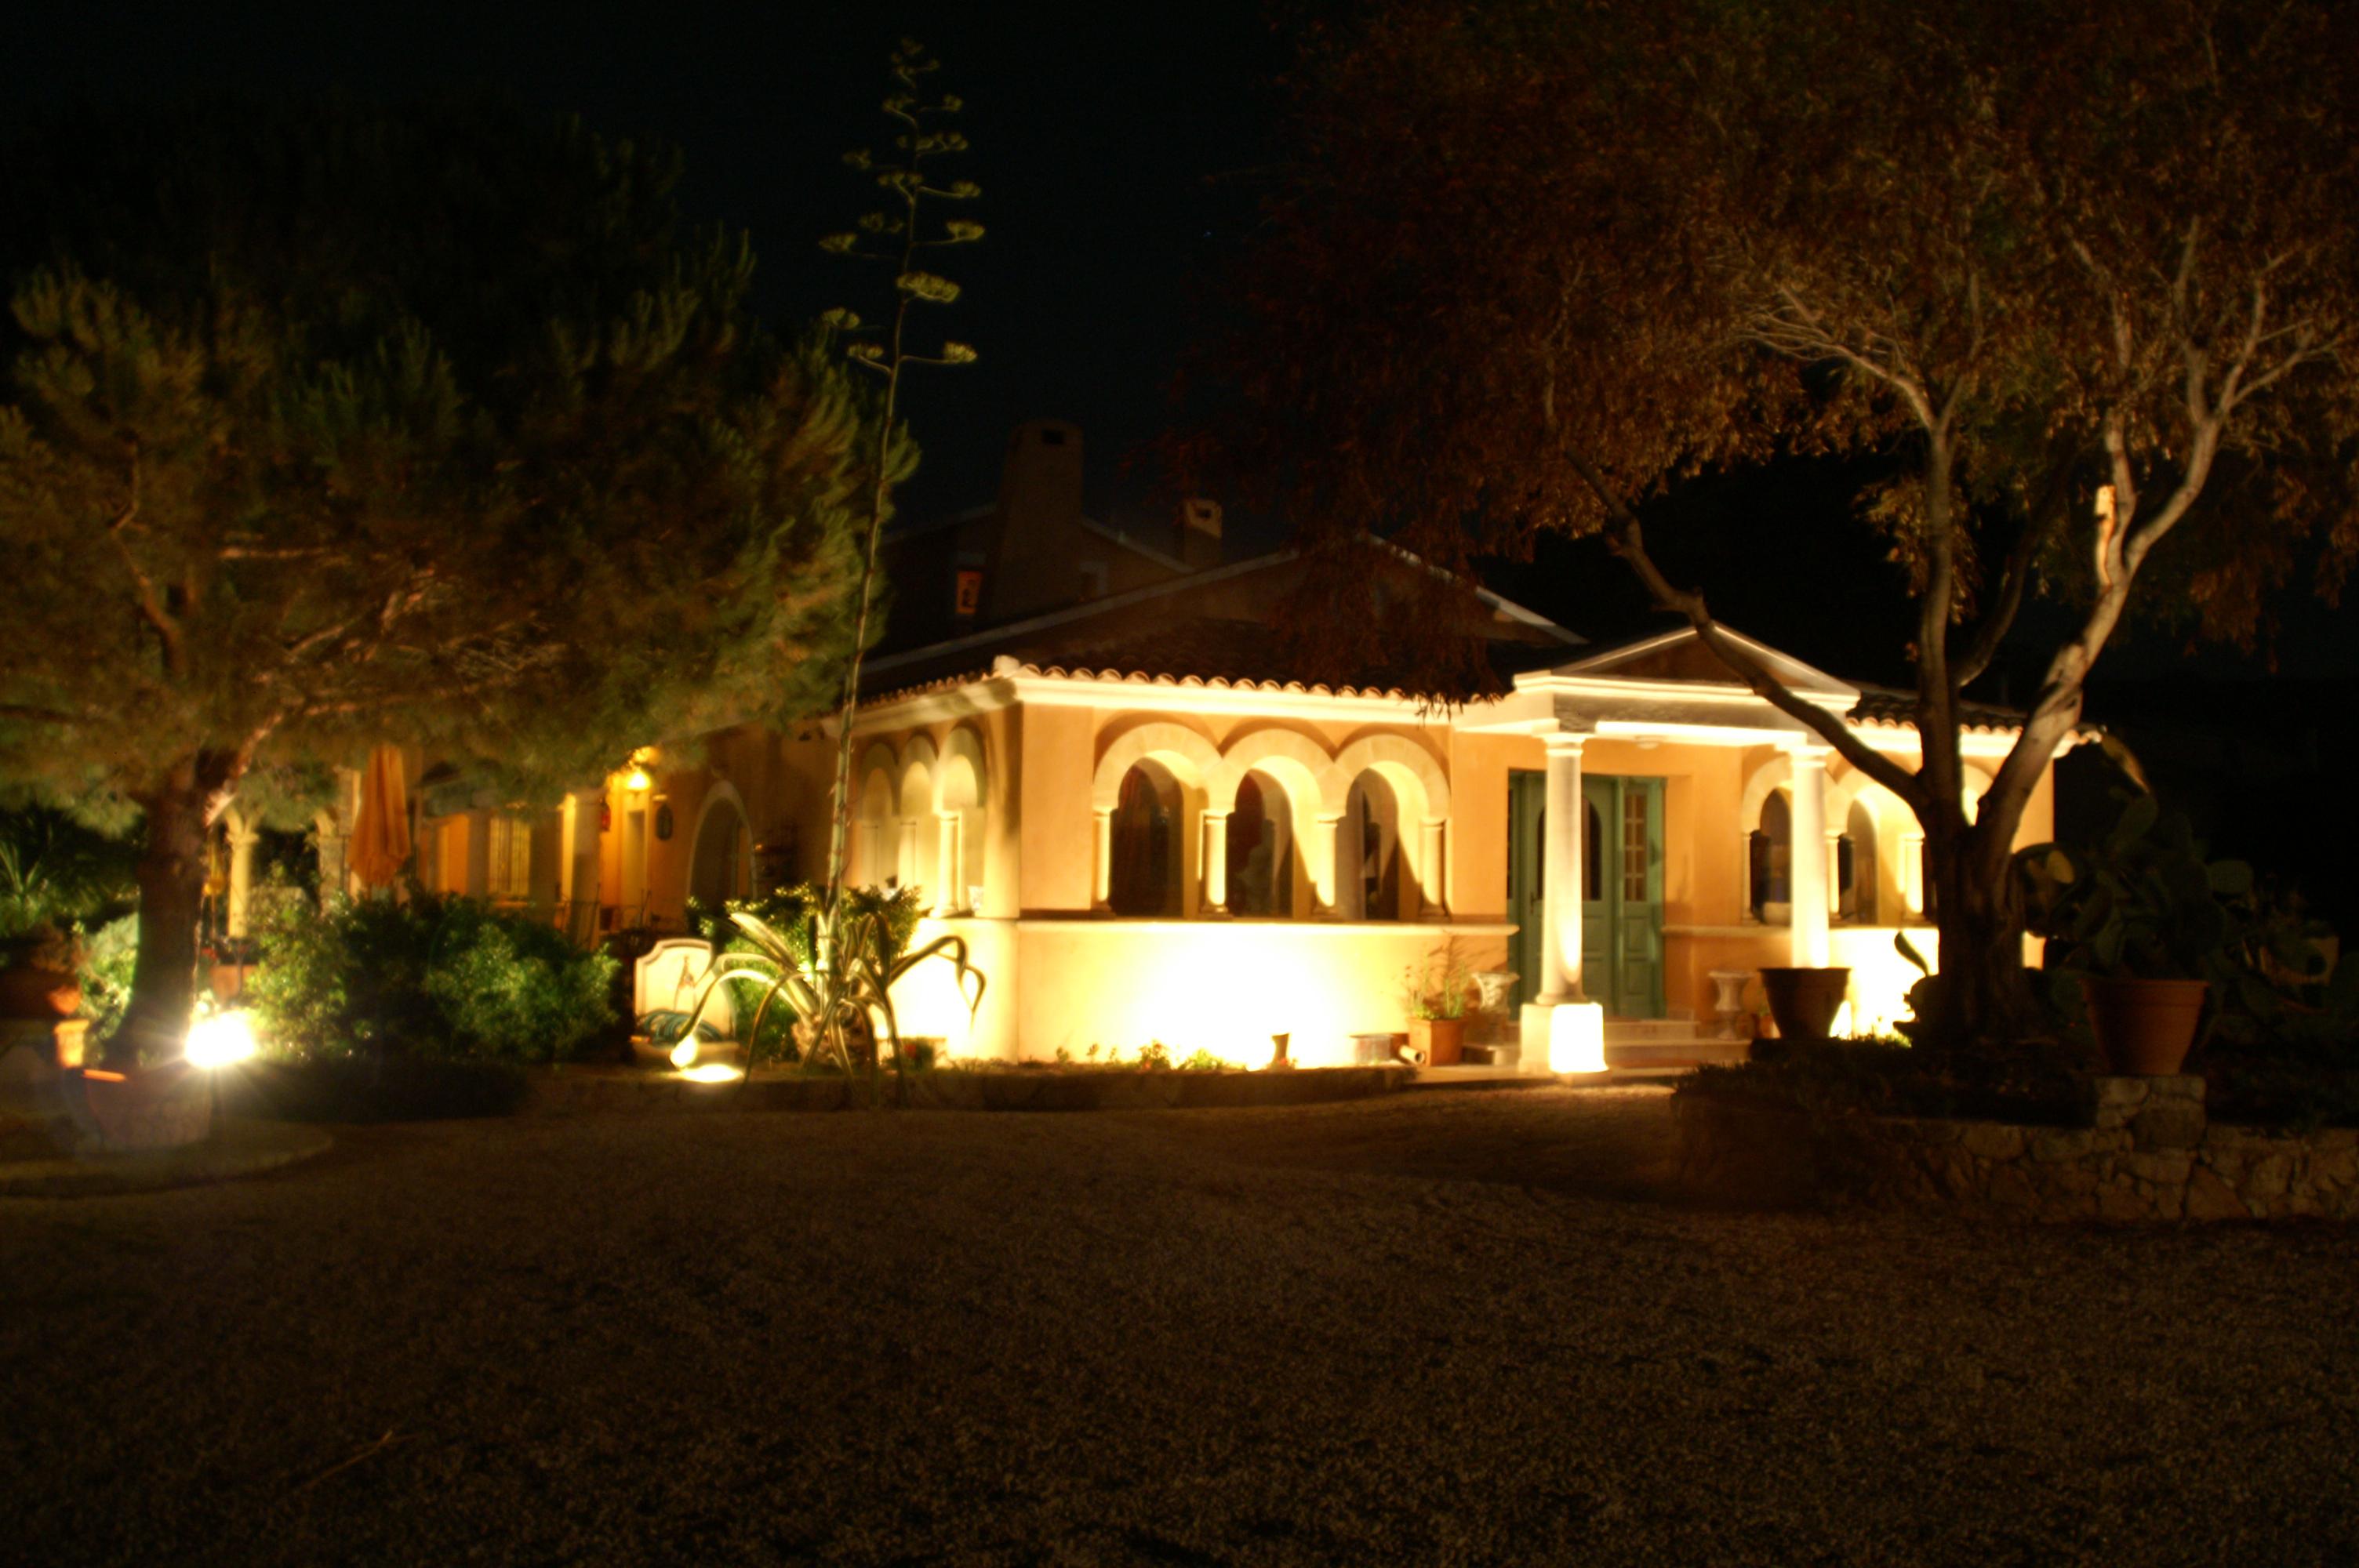 Chambre D Hotes Calvi Corse Elegant Chambre Duhtes Corse Calvi